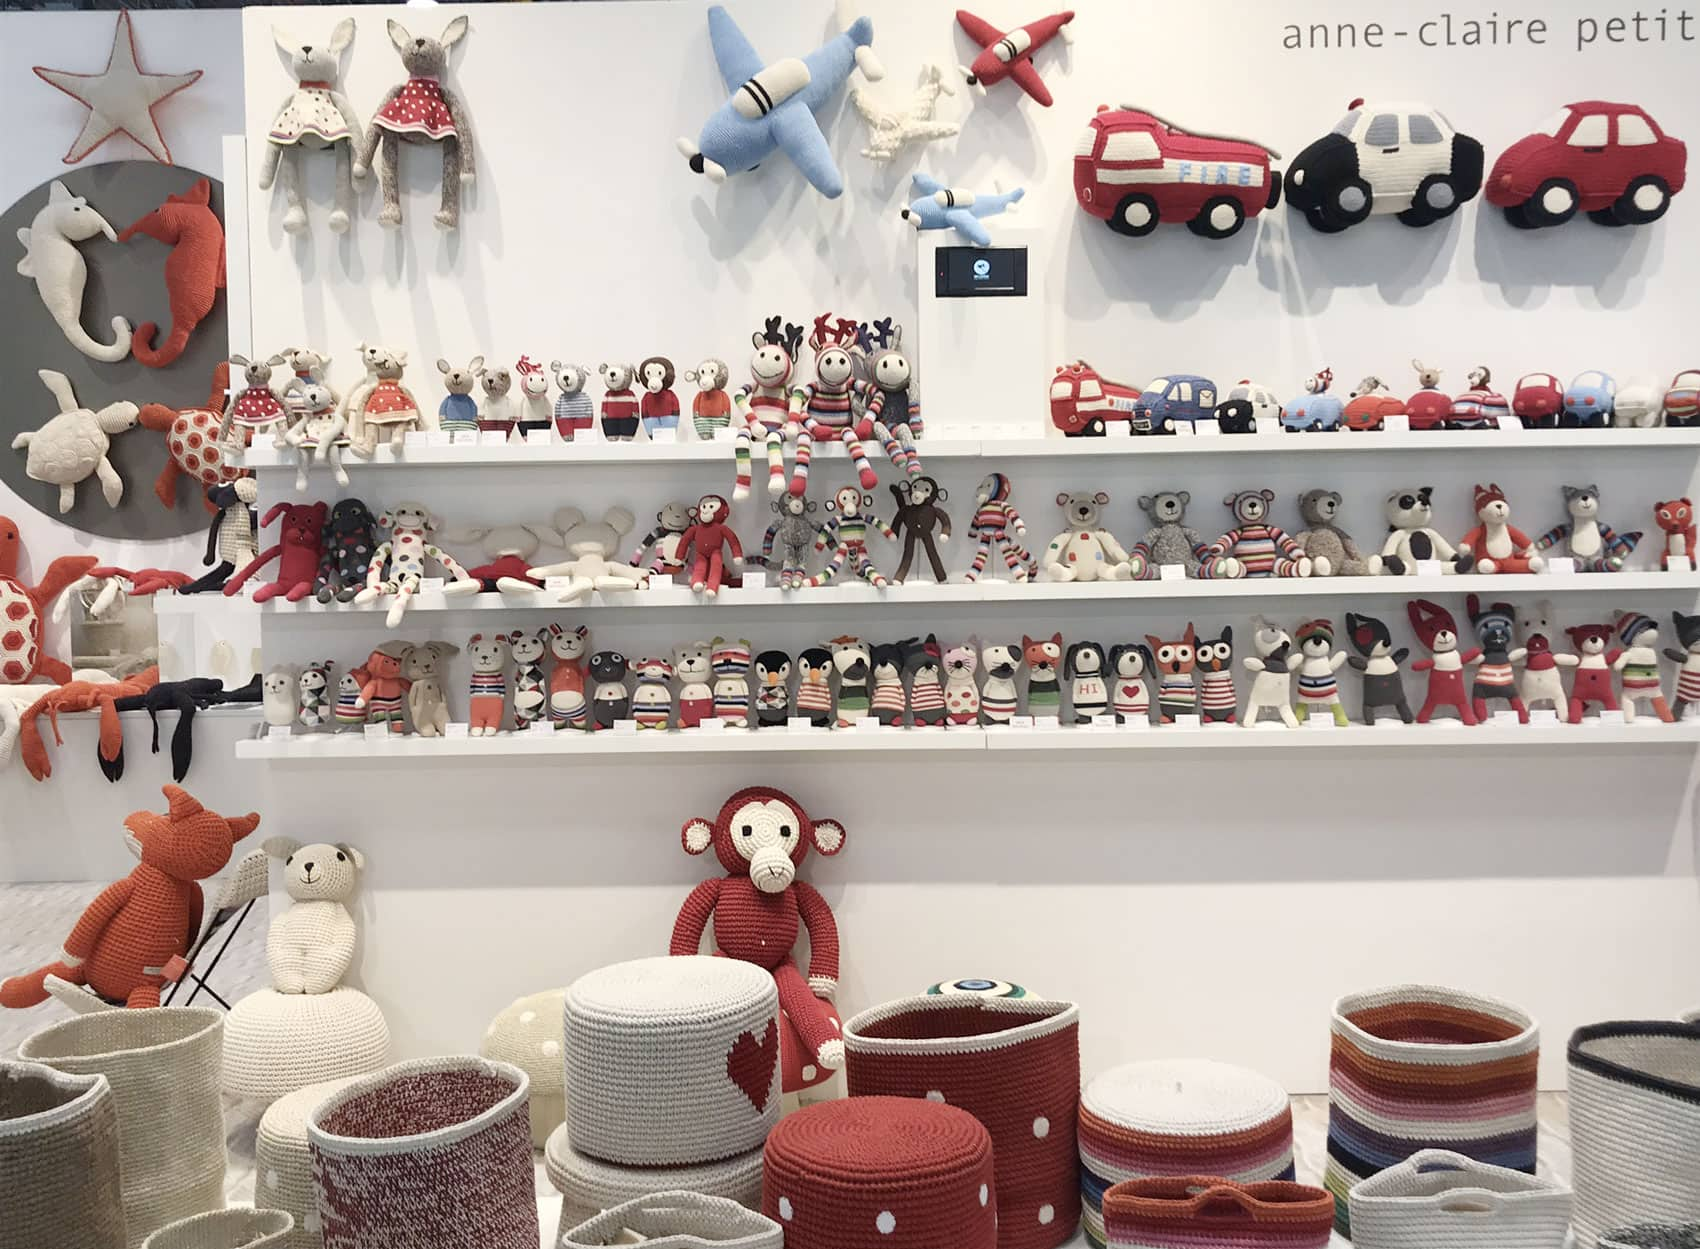 Anne-Claire Petit Maison & Objet 2019